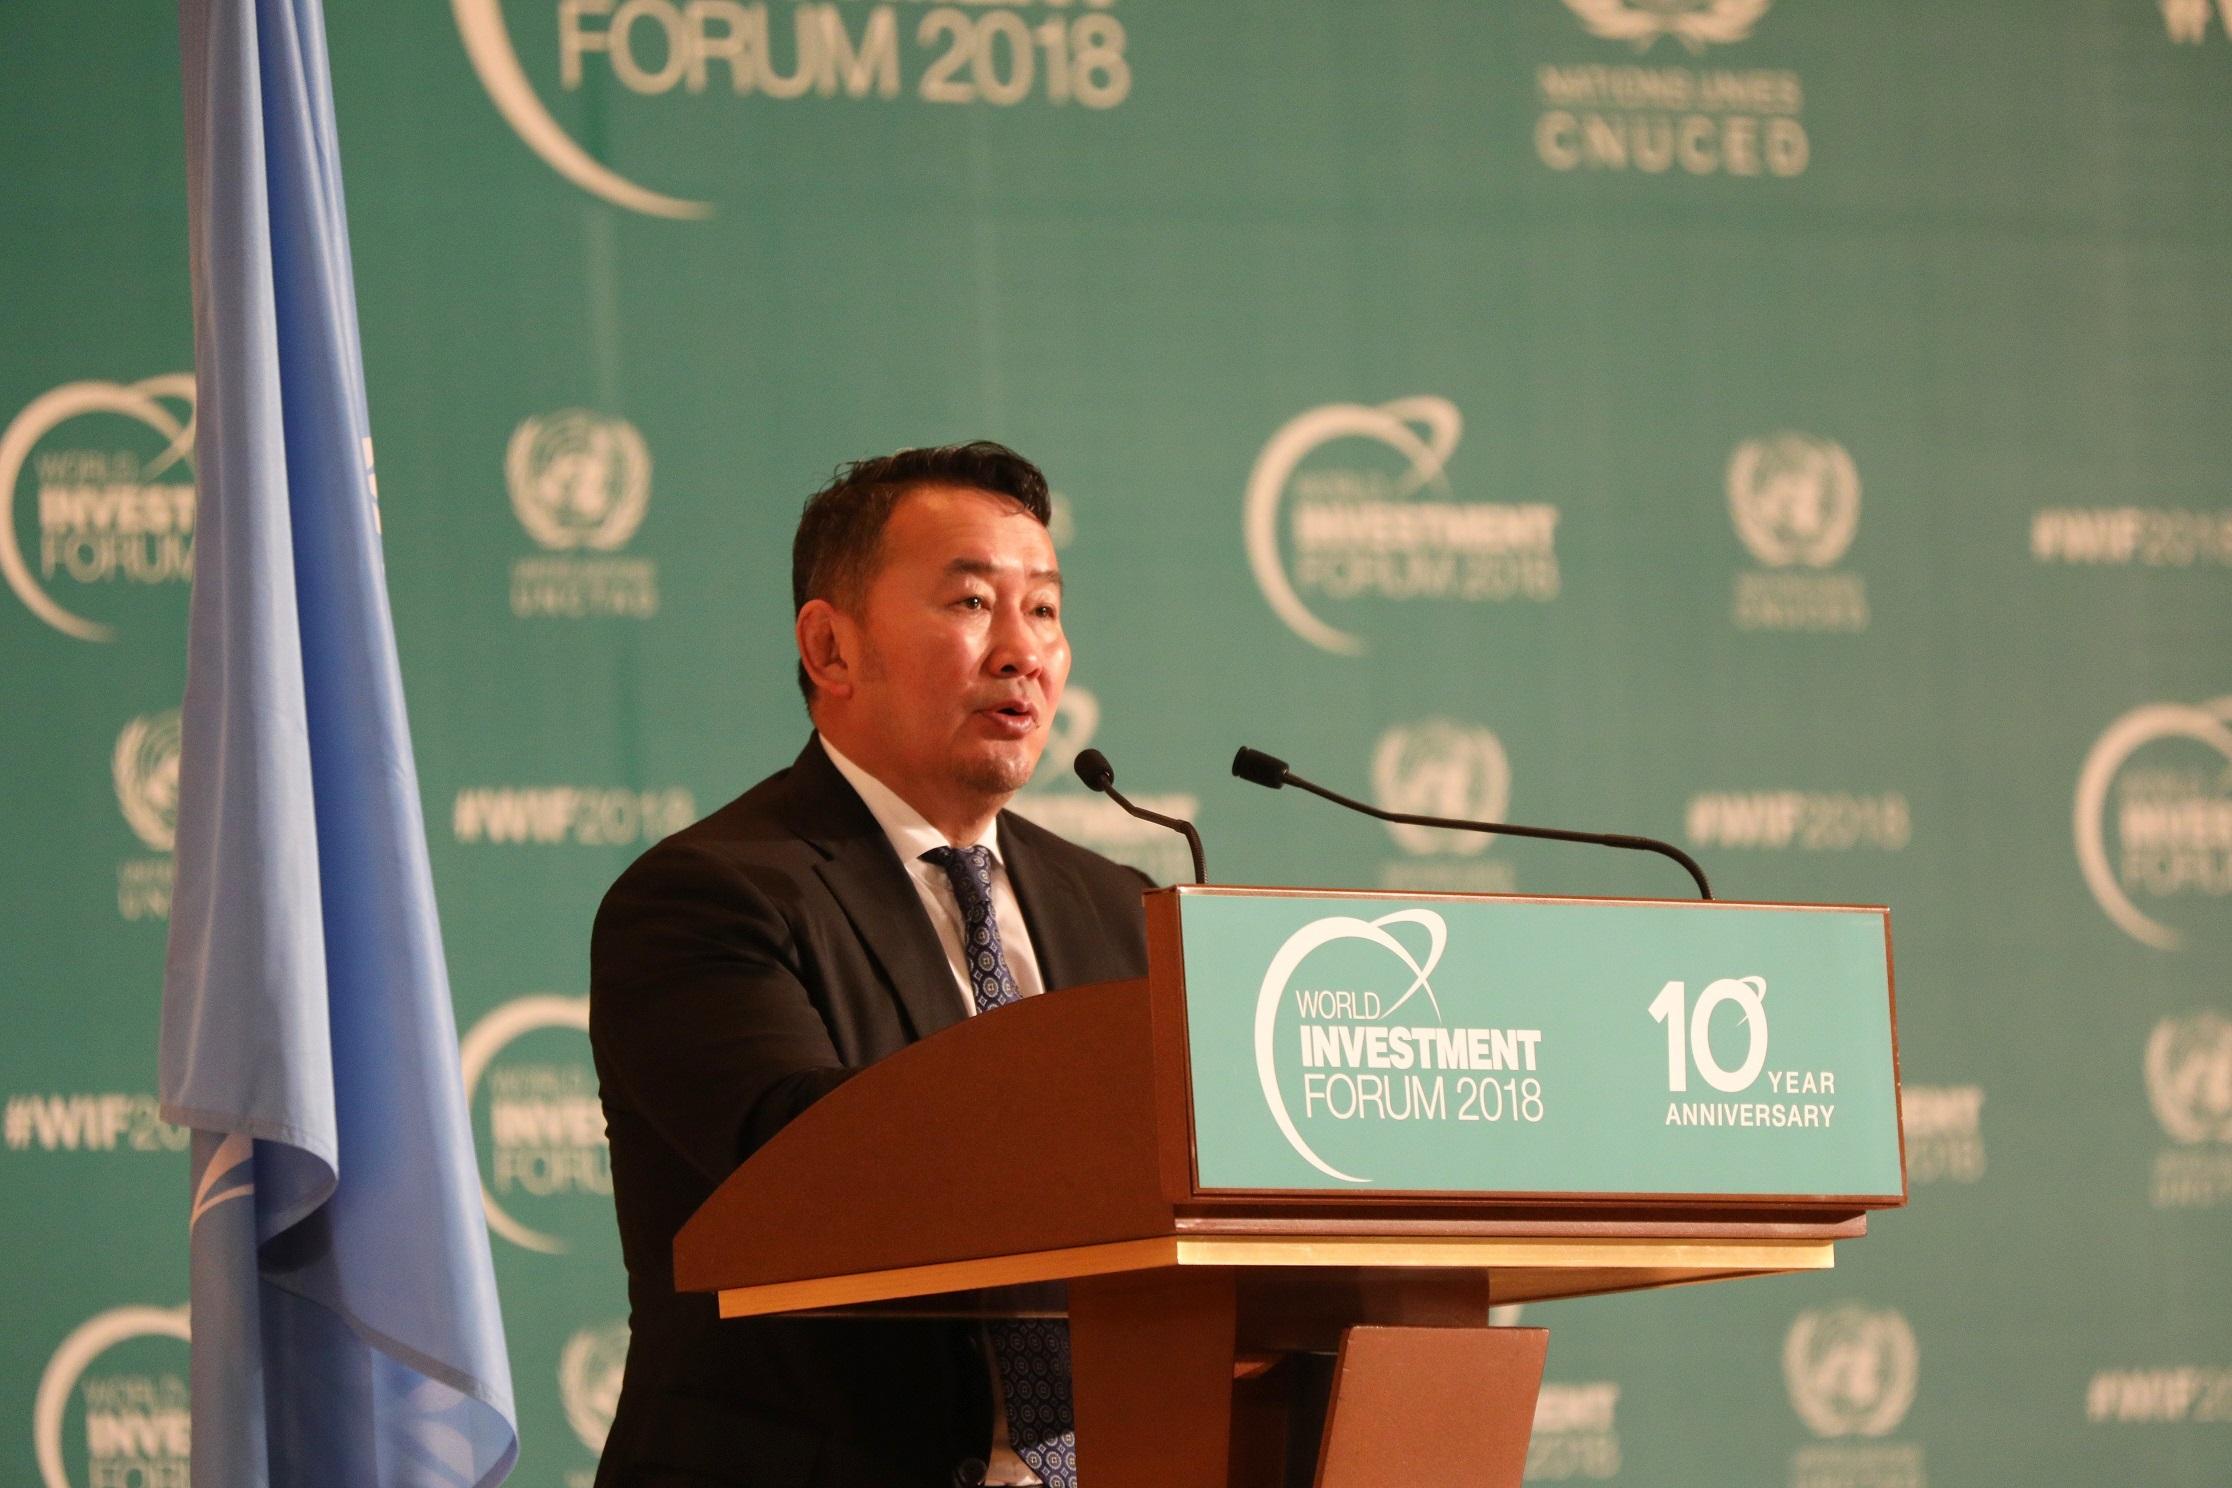 Монгол Улсын Ерөнхийлөгч Х.Баттулгын Дэлхийн удирдагчдын хөрөнгө оруулалтын дээд хэмжээний уулзалтад хэлсэн үг